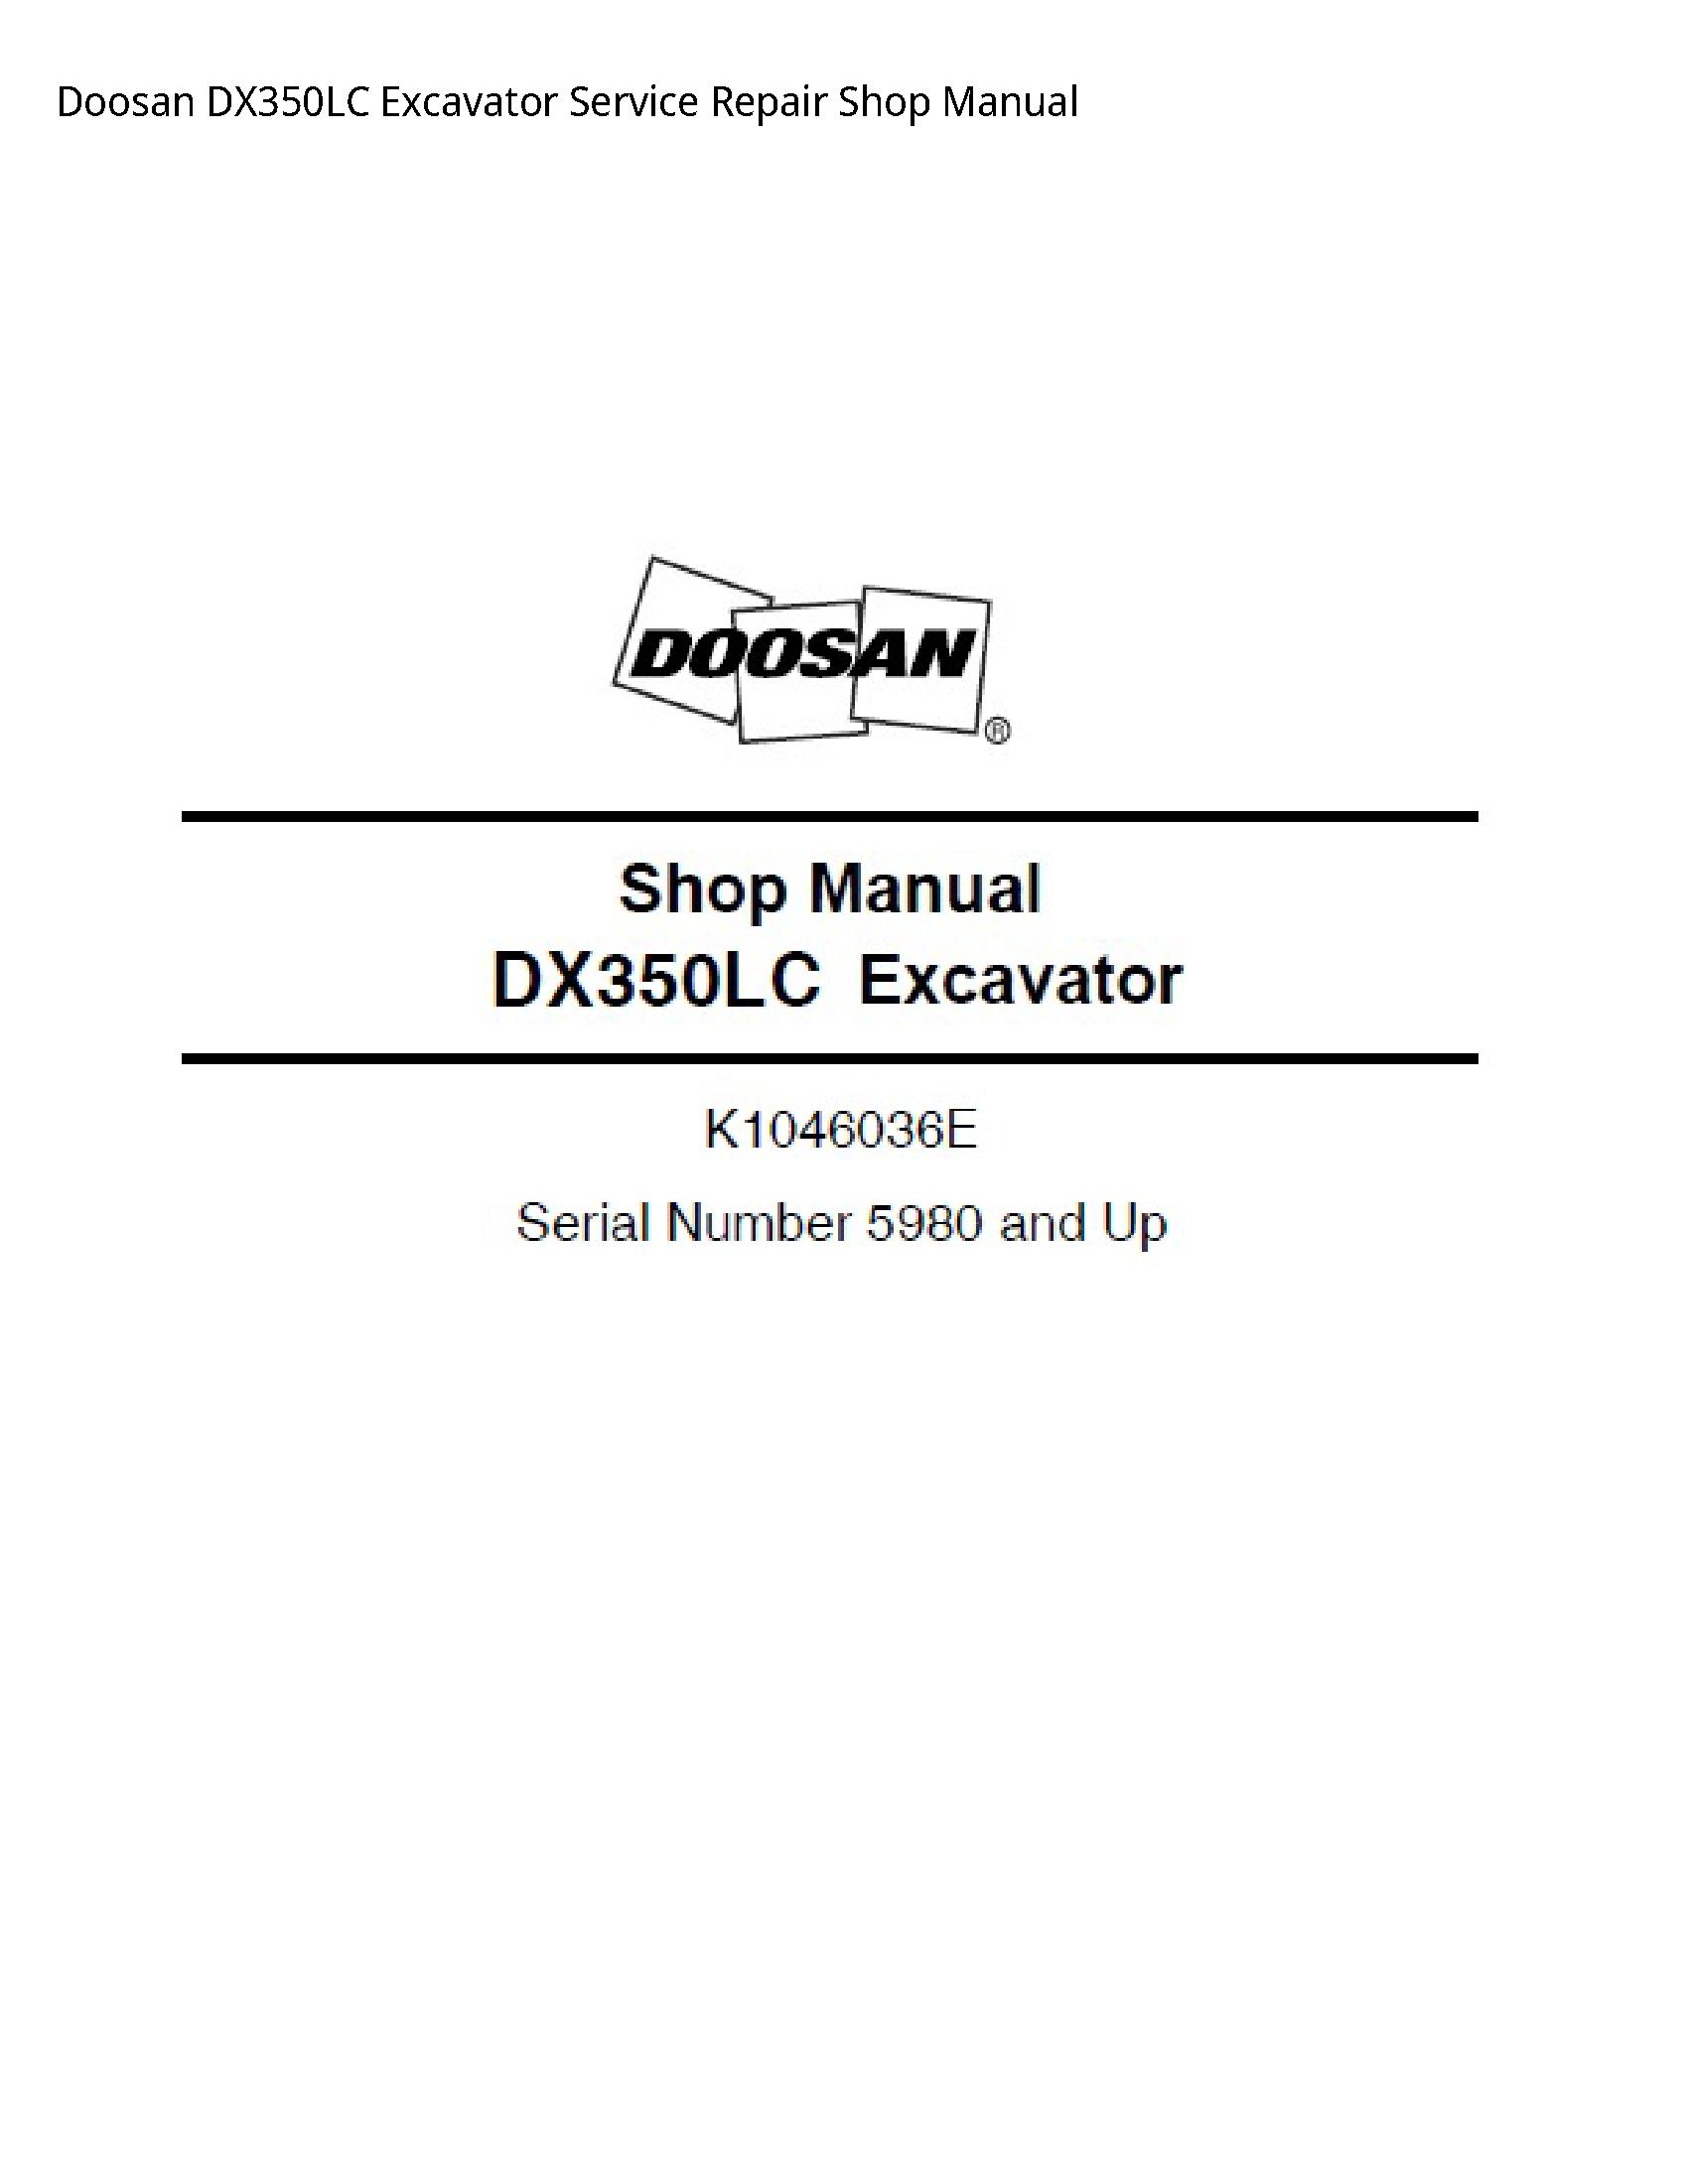 Doosan DX350LC Excavator manual